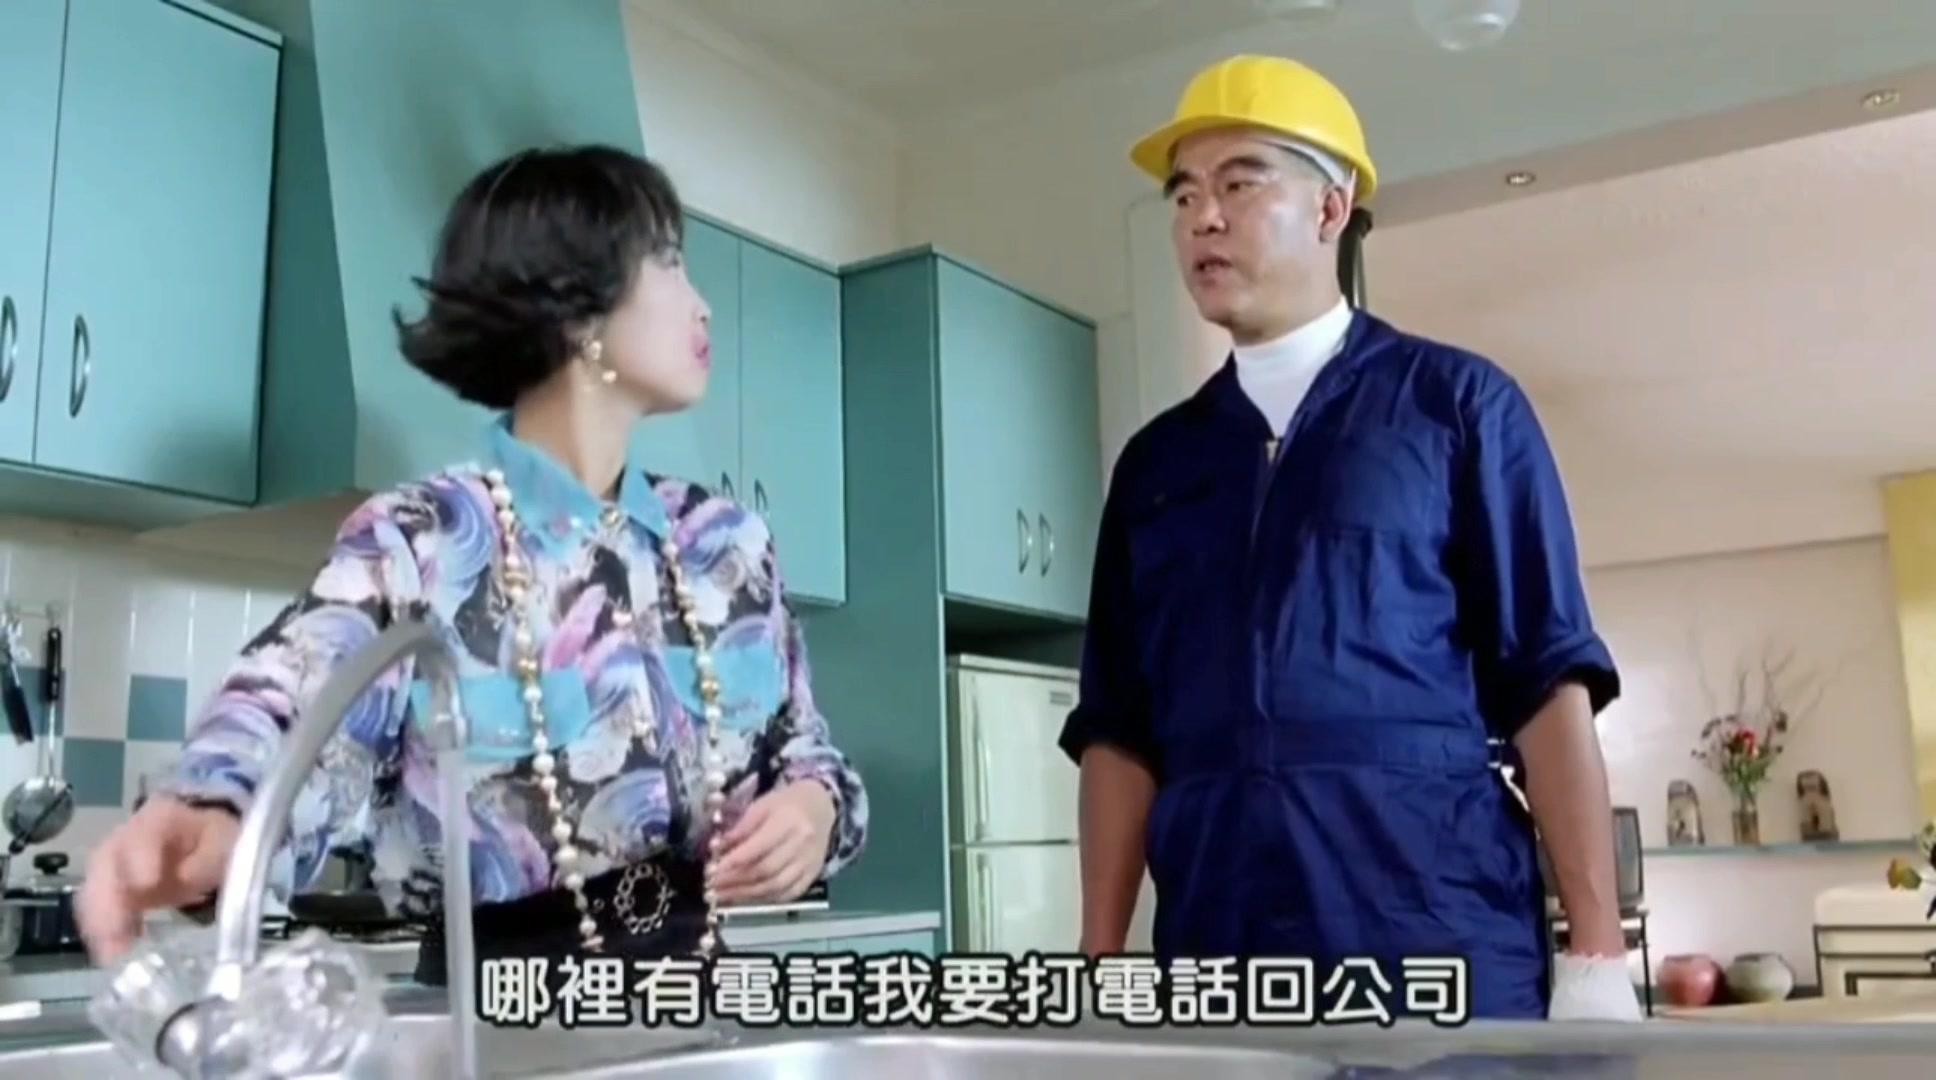 超级学校霸王粤语:这水管漏水呀